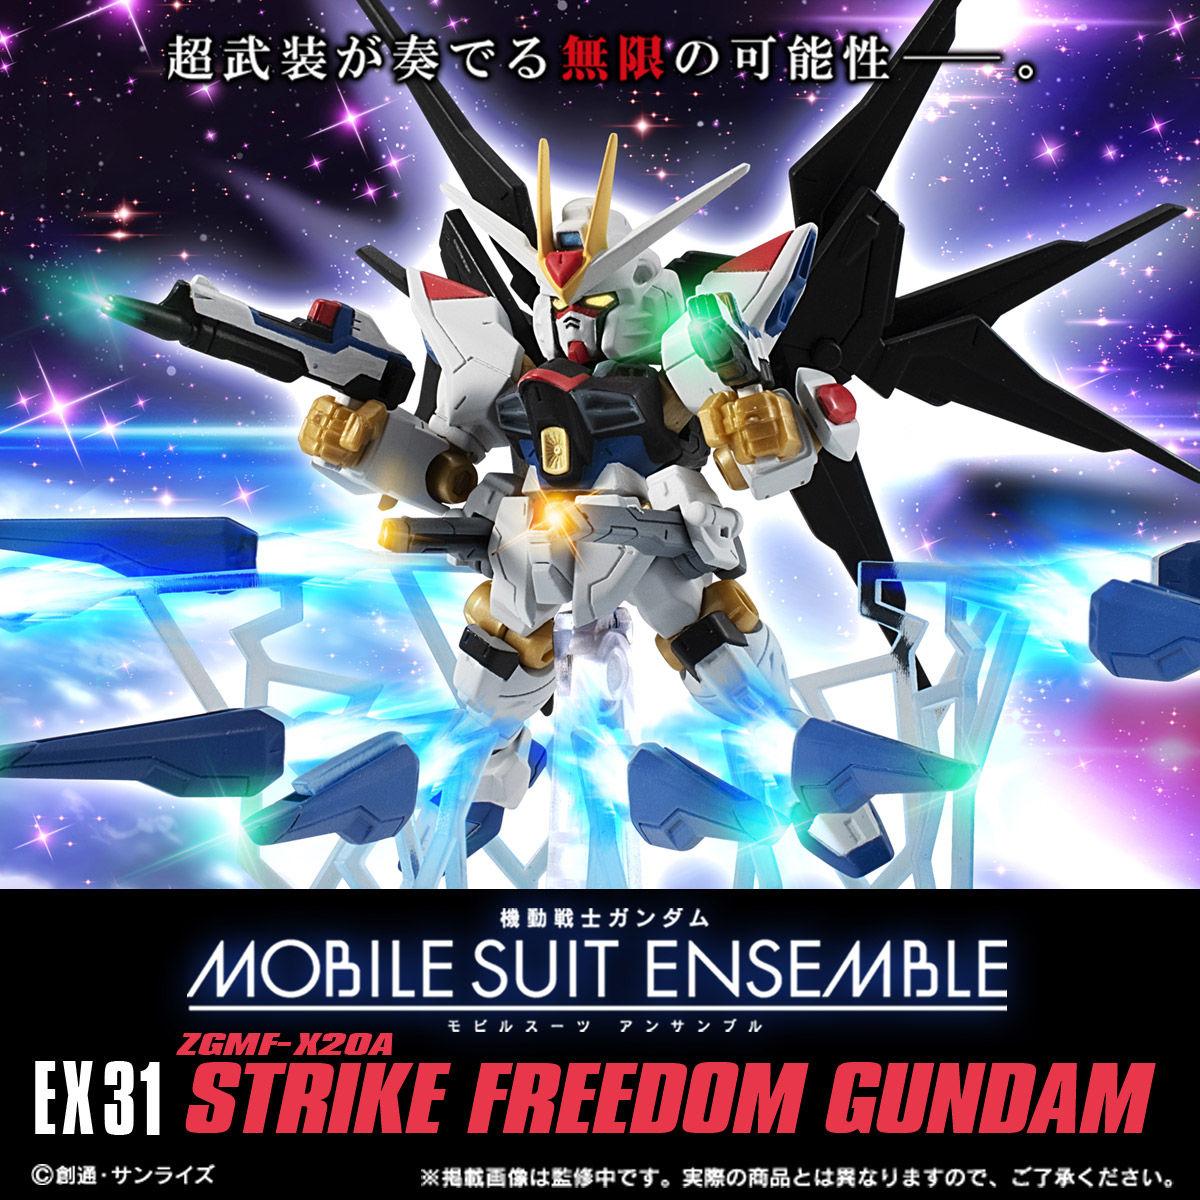 【限定販売】MOBILE SUIT ENSEMBLE『EX31 ストライクフリーダムガンダム』ガンダムSEED DESTINY デフォルメ可動フィギュア-001